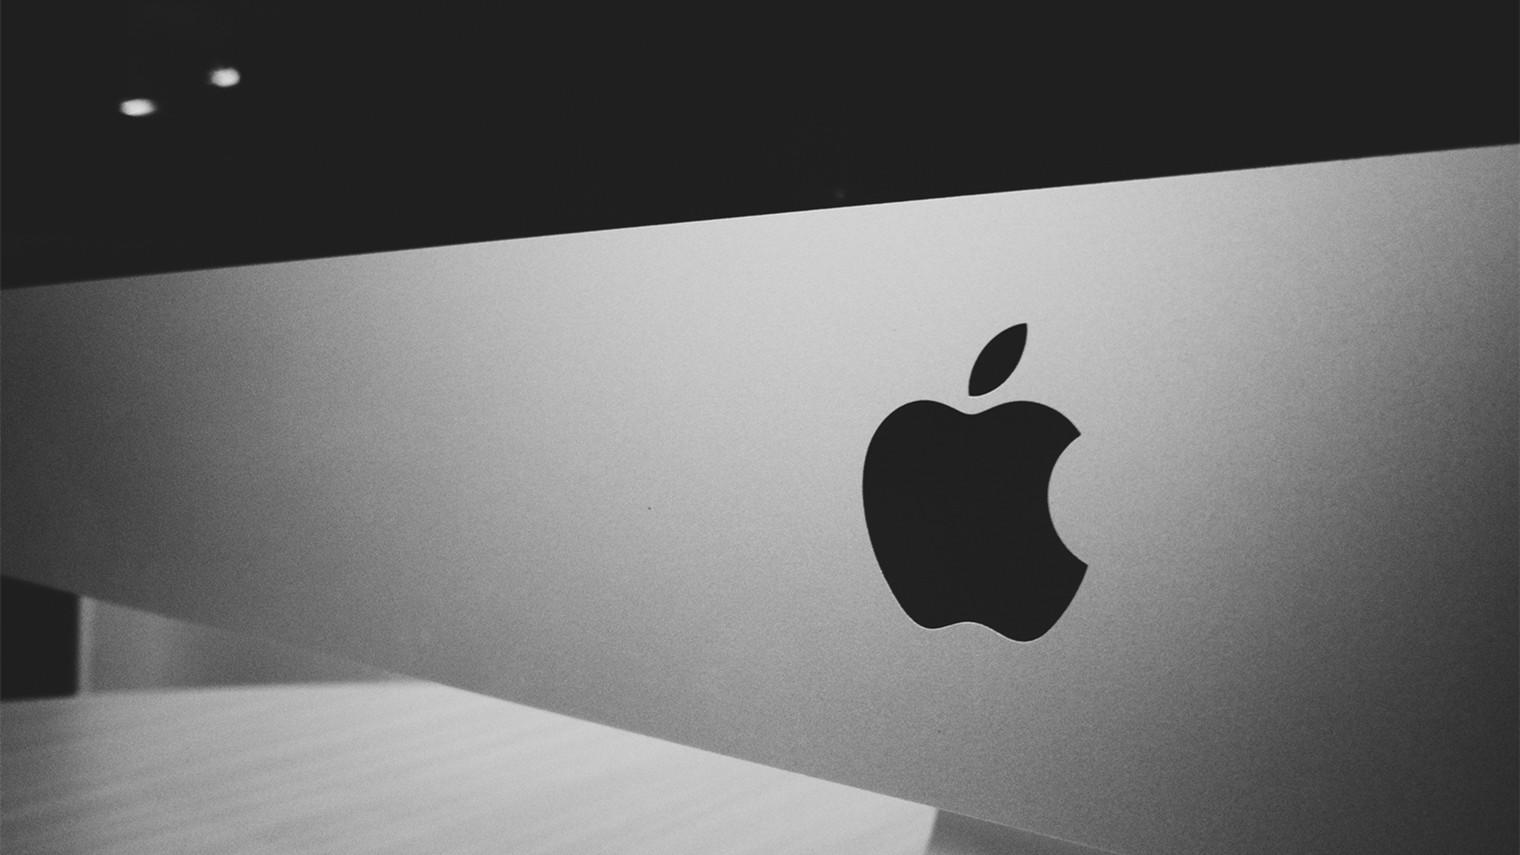 苹果被罚200万美元,取消充电头消费者不买账